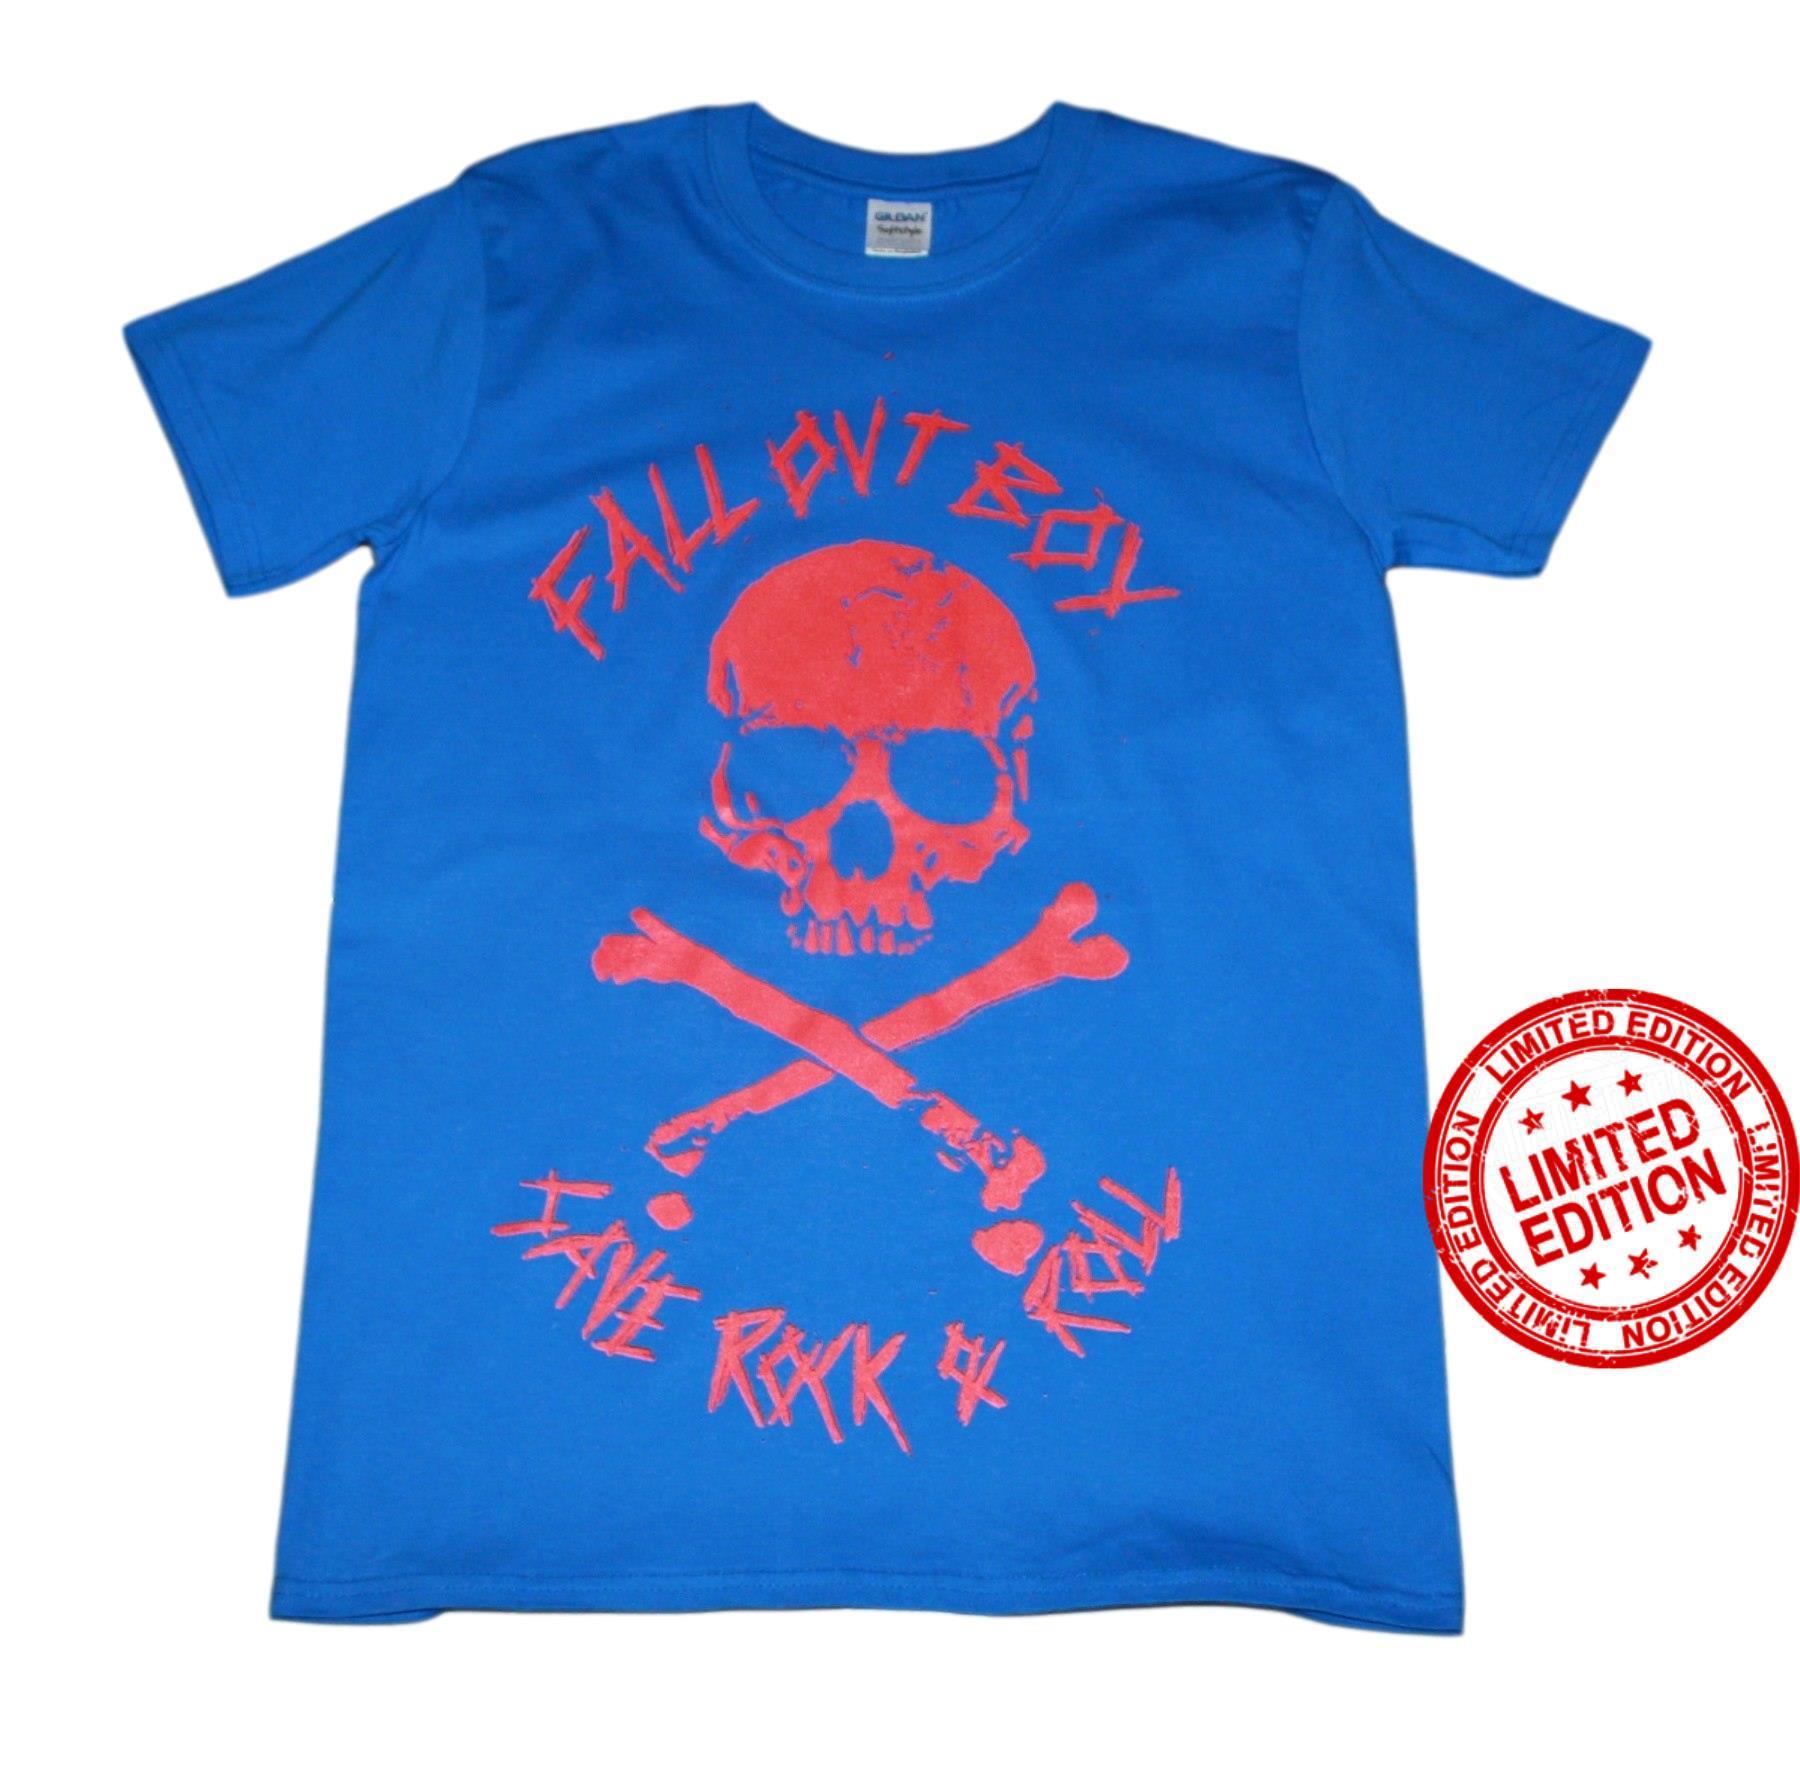 Fall Ovt Boy Have Rock & Roll Shirt